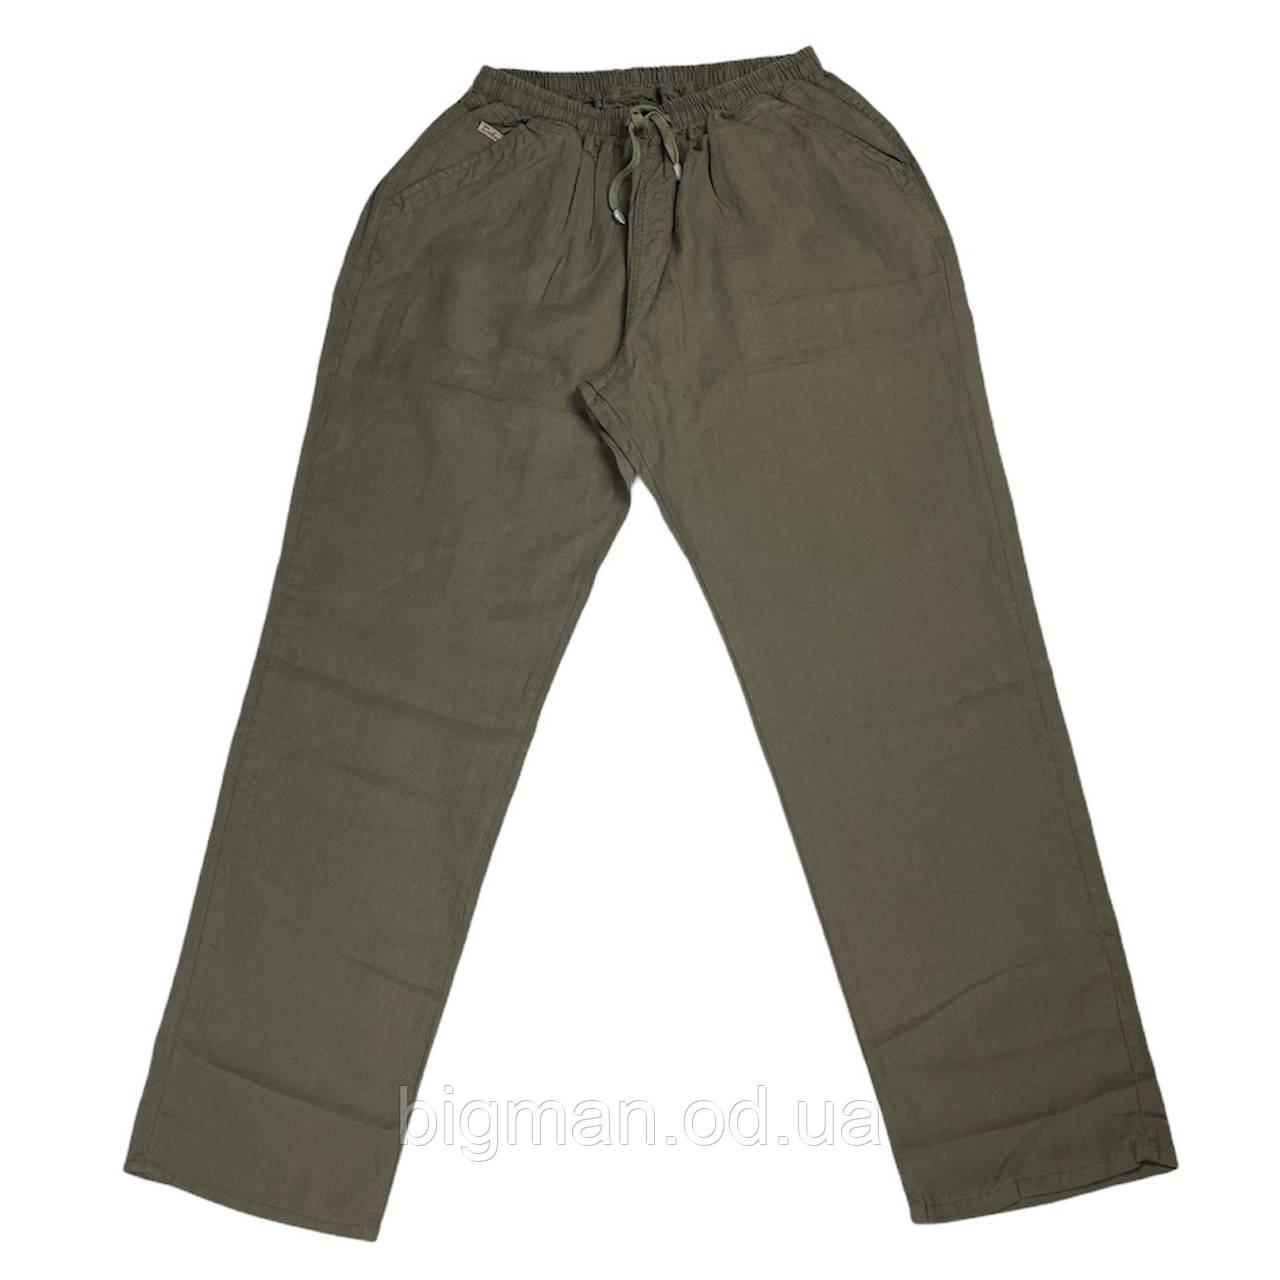 Чоловічі лляні штани Dekons 18031 56-62 розміру хакі Туреччина батал великий розмір